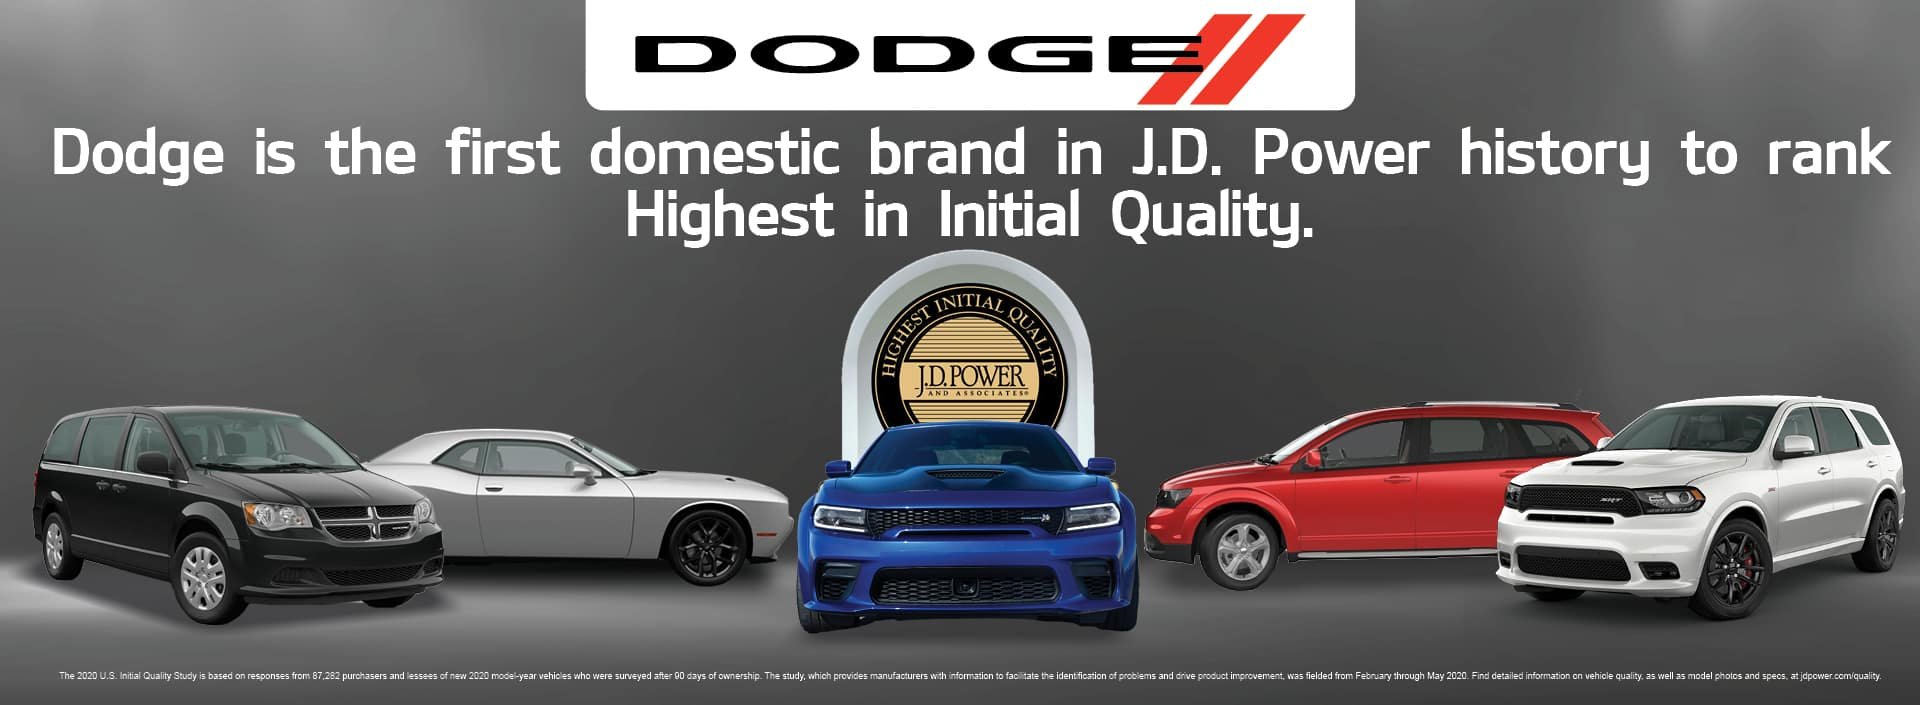 TAGD-3386-G-1920×705-JD Power Highest Initial Quality Award Banner-v2SR